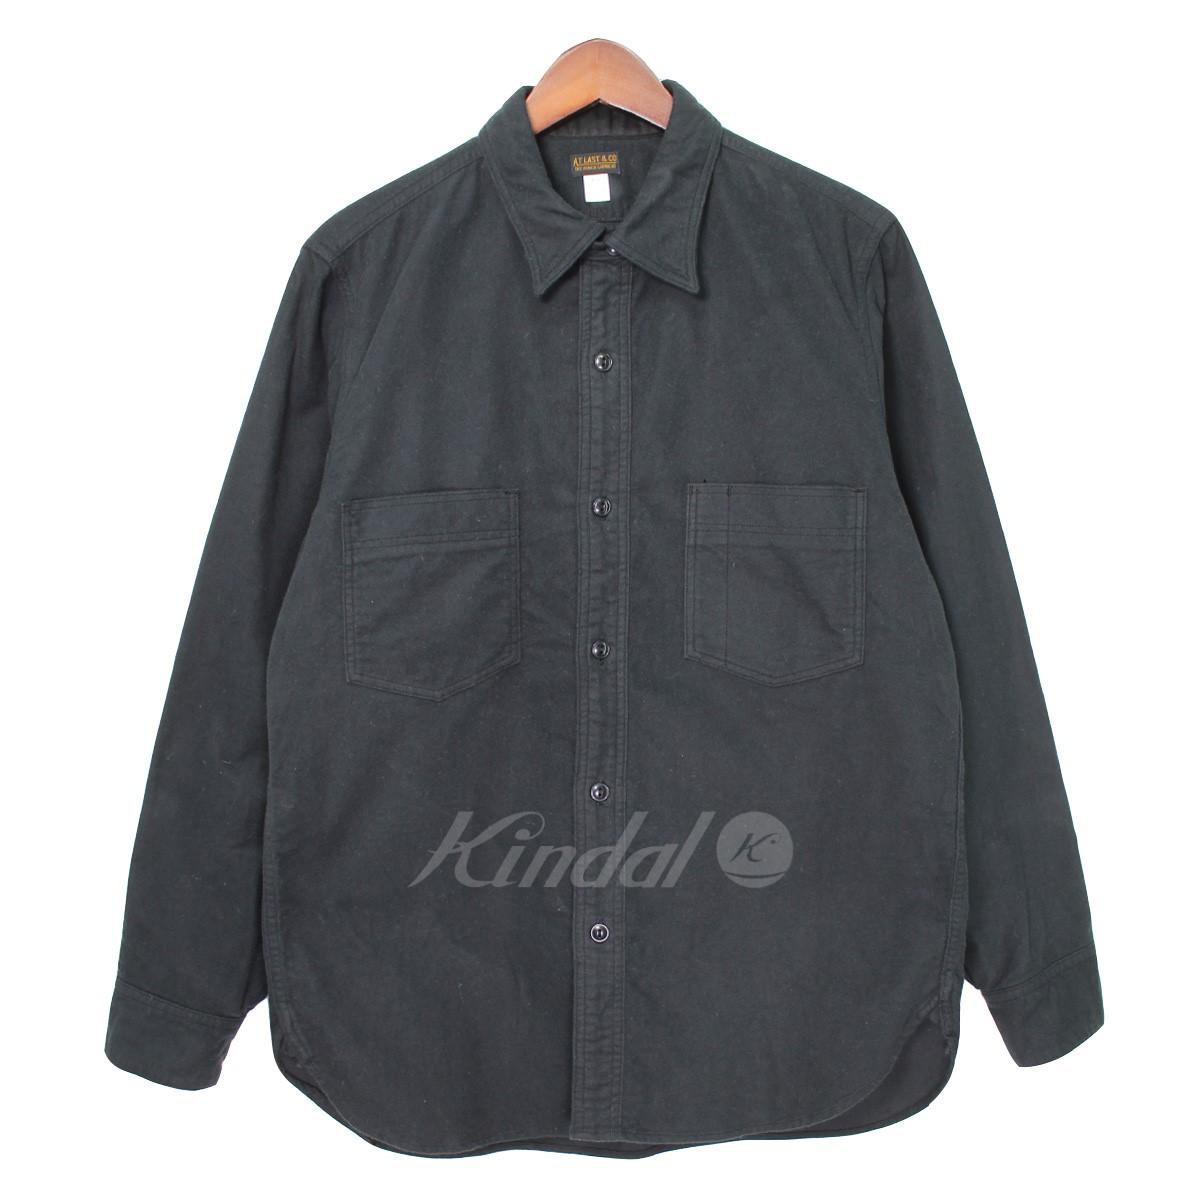 【中古】At Last&Co. LOT.352 モールスキンワークシャツ 【送料無料】 【006773】 【KIND1550】